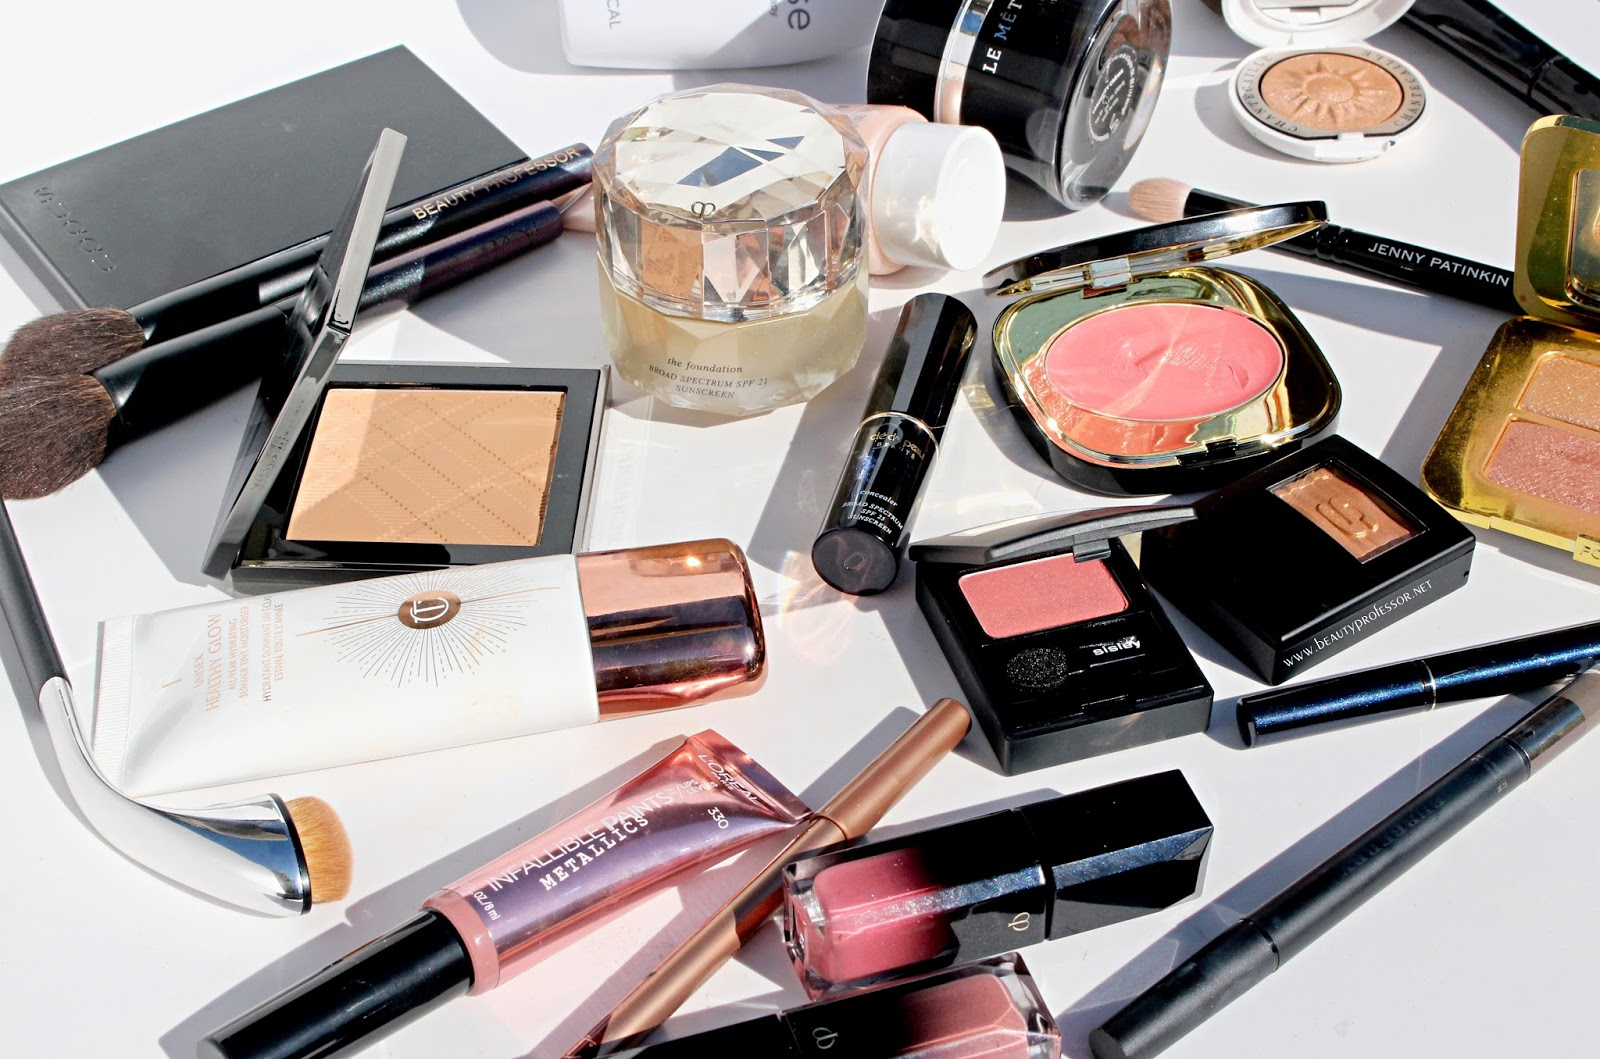 Beauty Professor Video By Request A Glowy Summer Look Tutorial